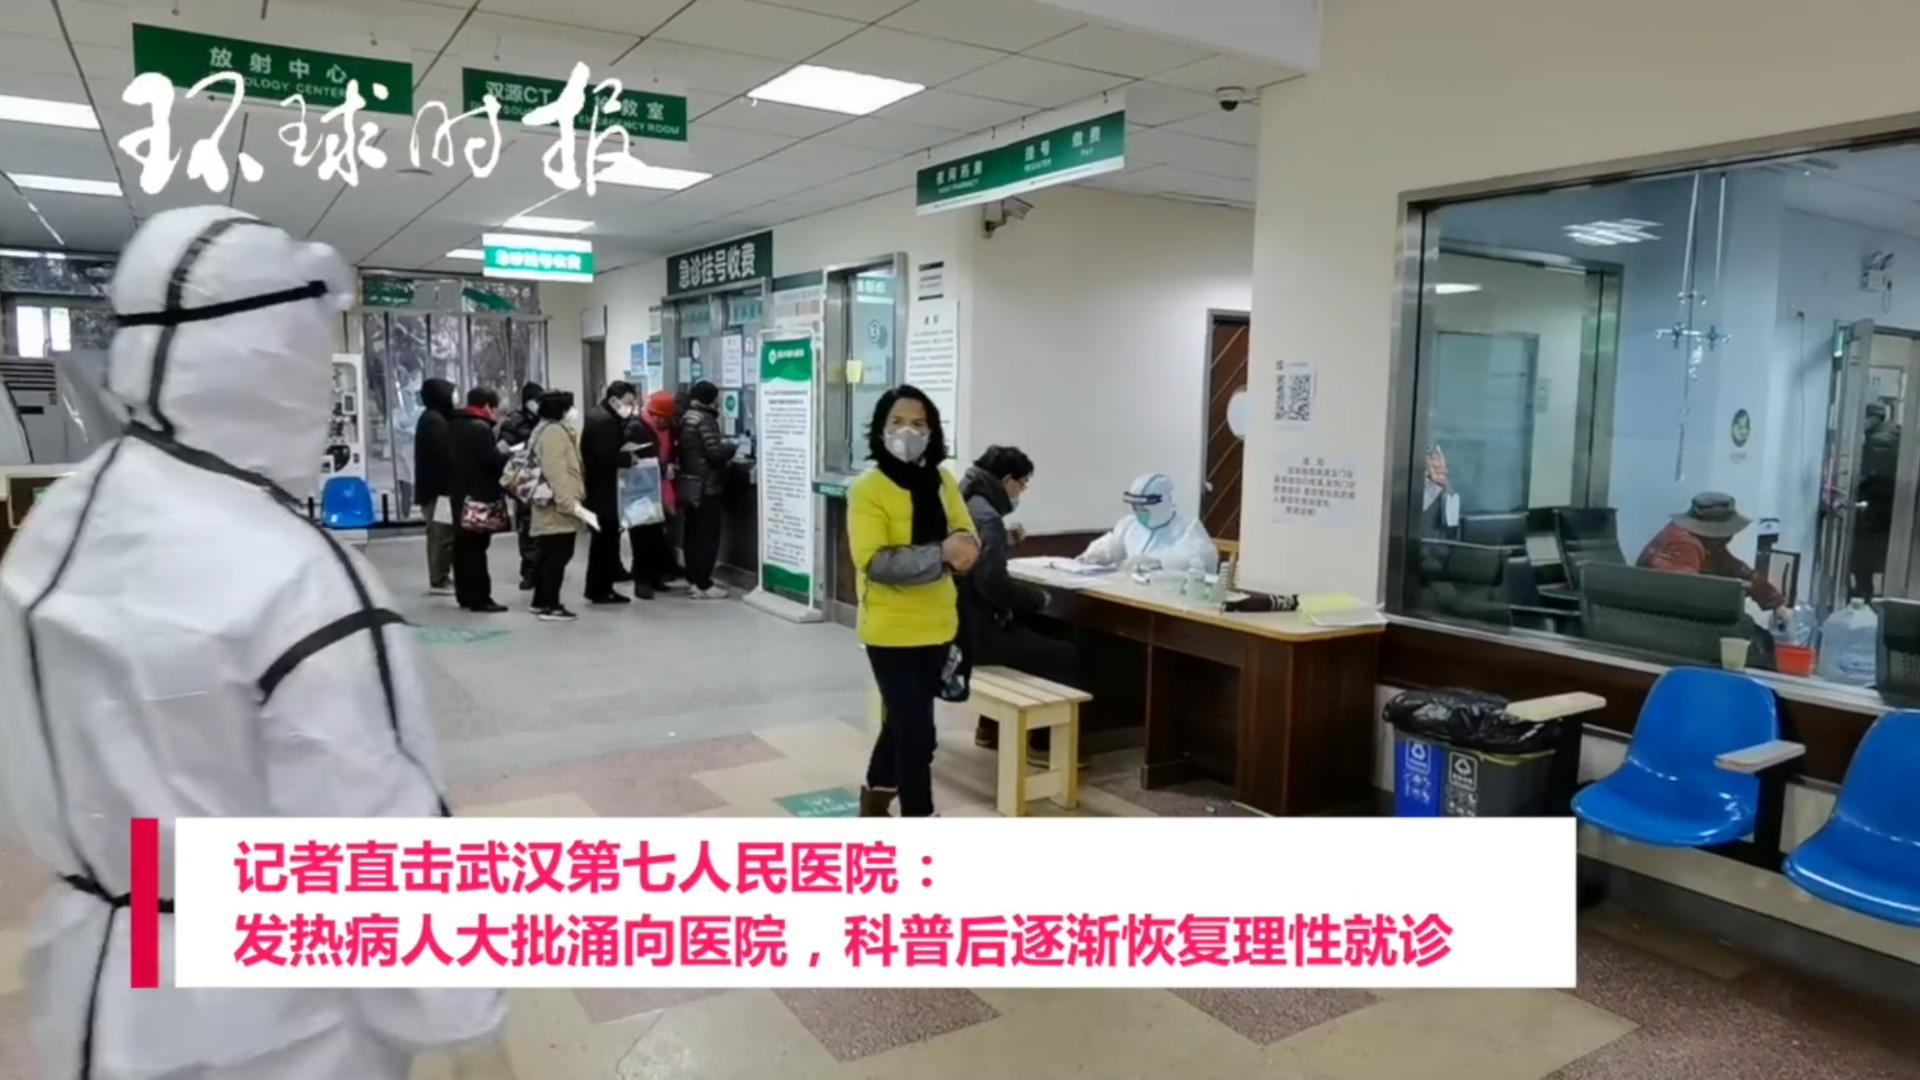 记者直击武汉第七人民医院:发热病人大批涌向医院,科普后逐渐恢复理性就诊